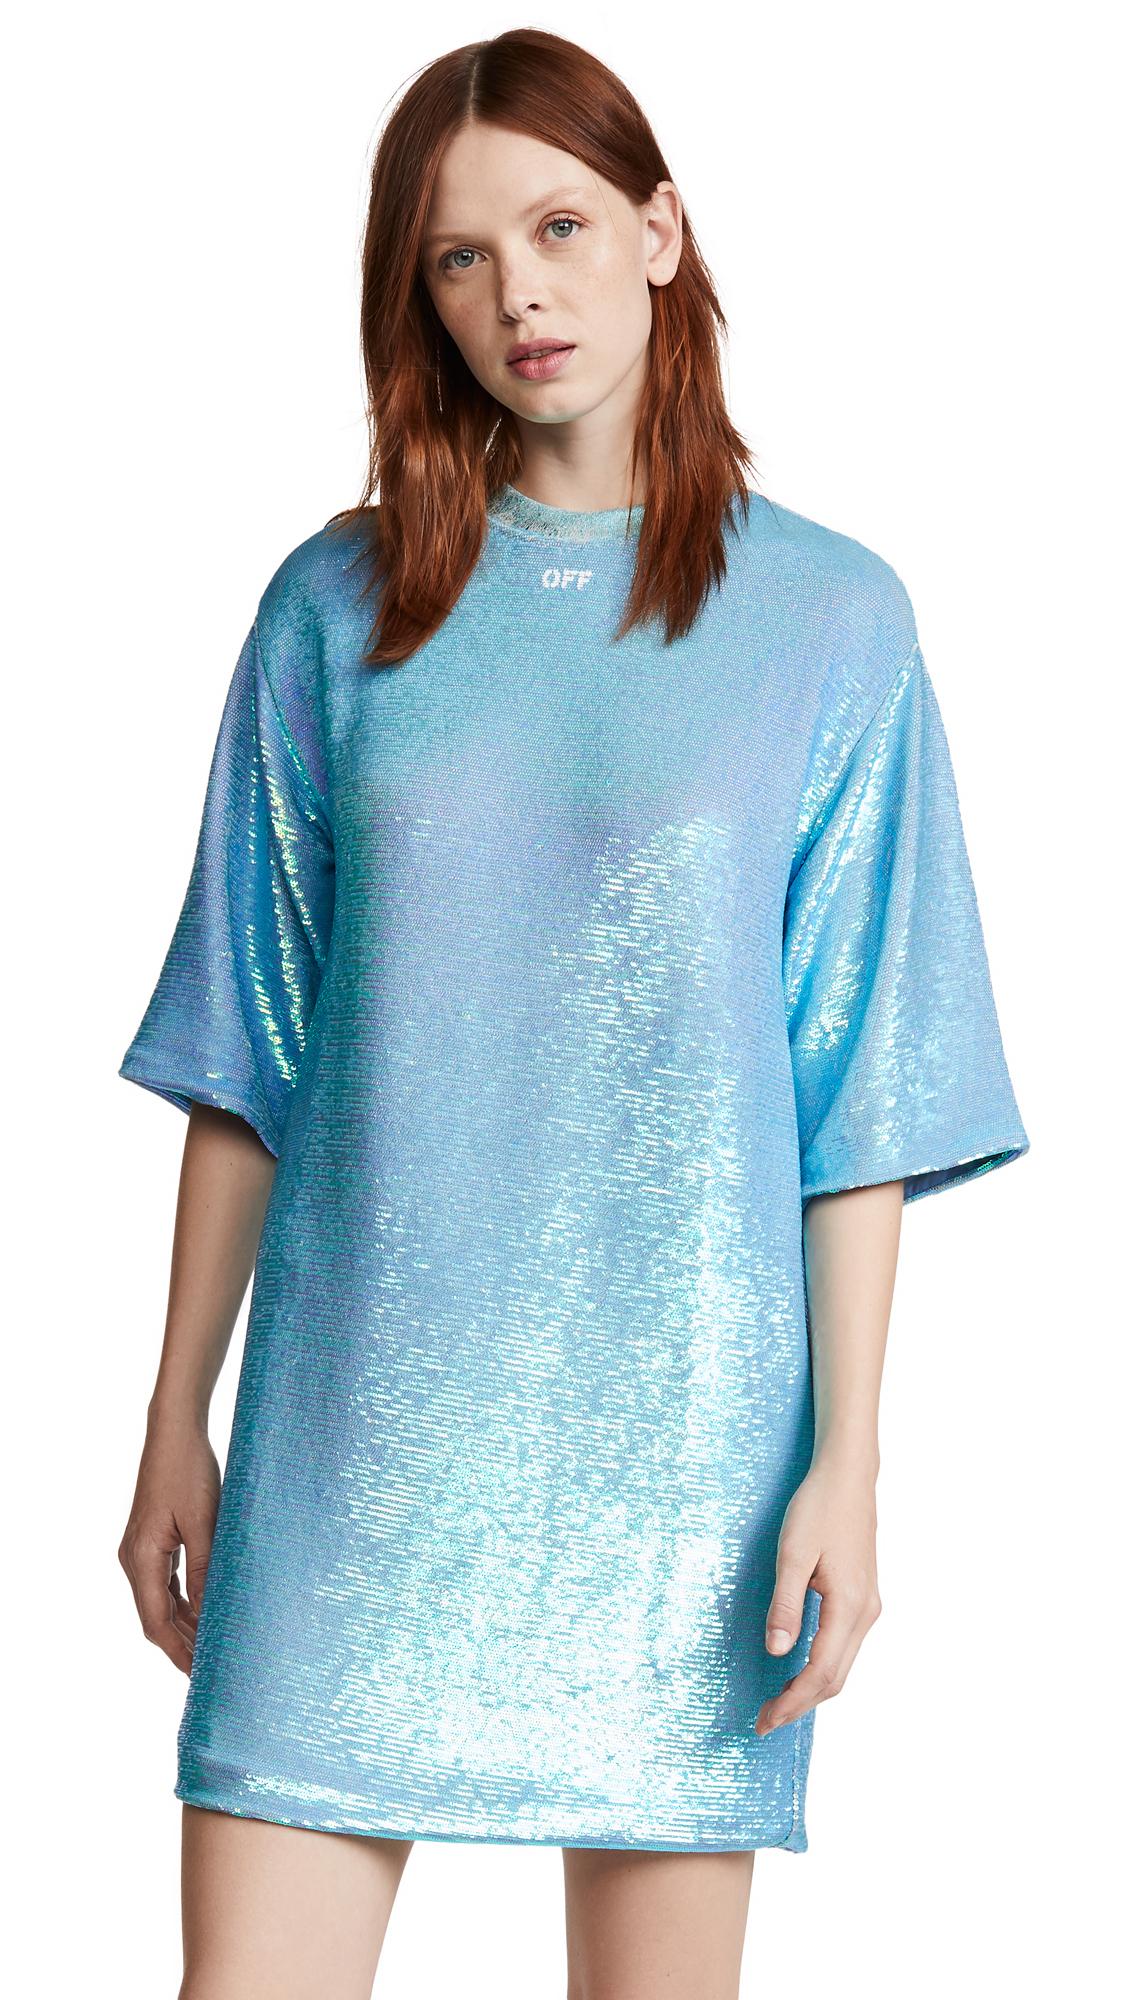 Off-White Paillettes Sequin Dress - 50% Off Sale